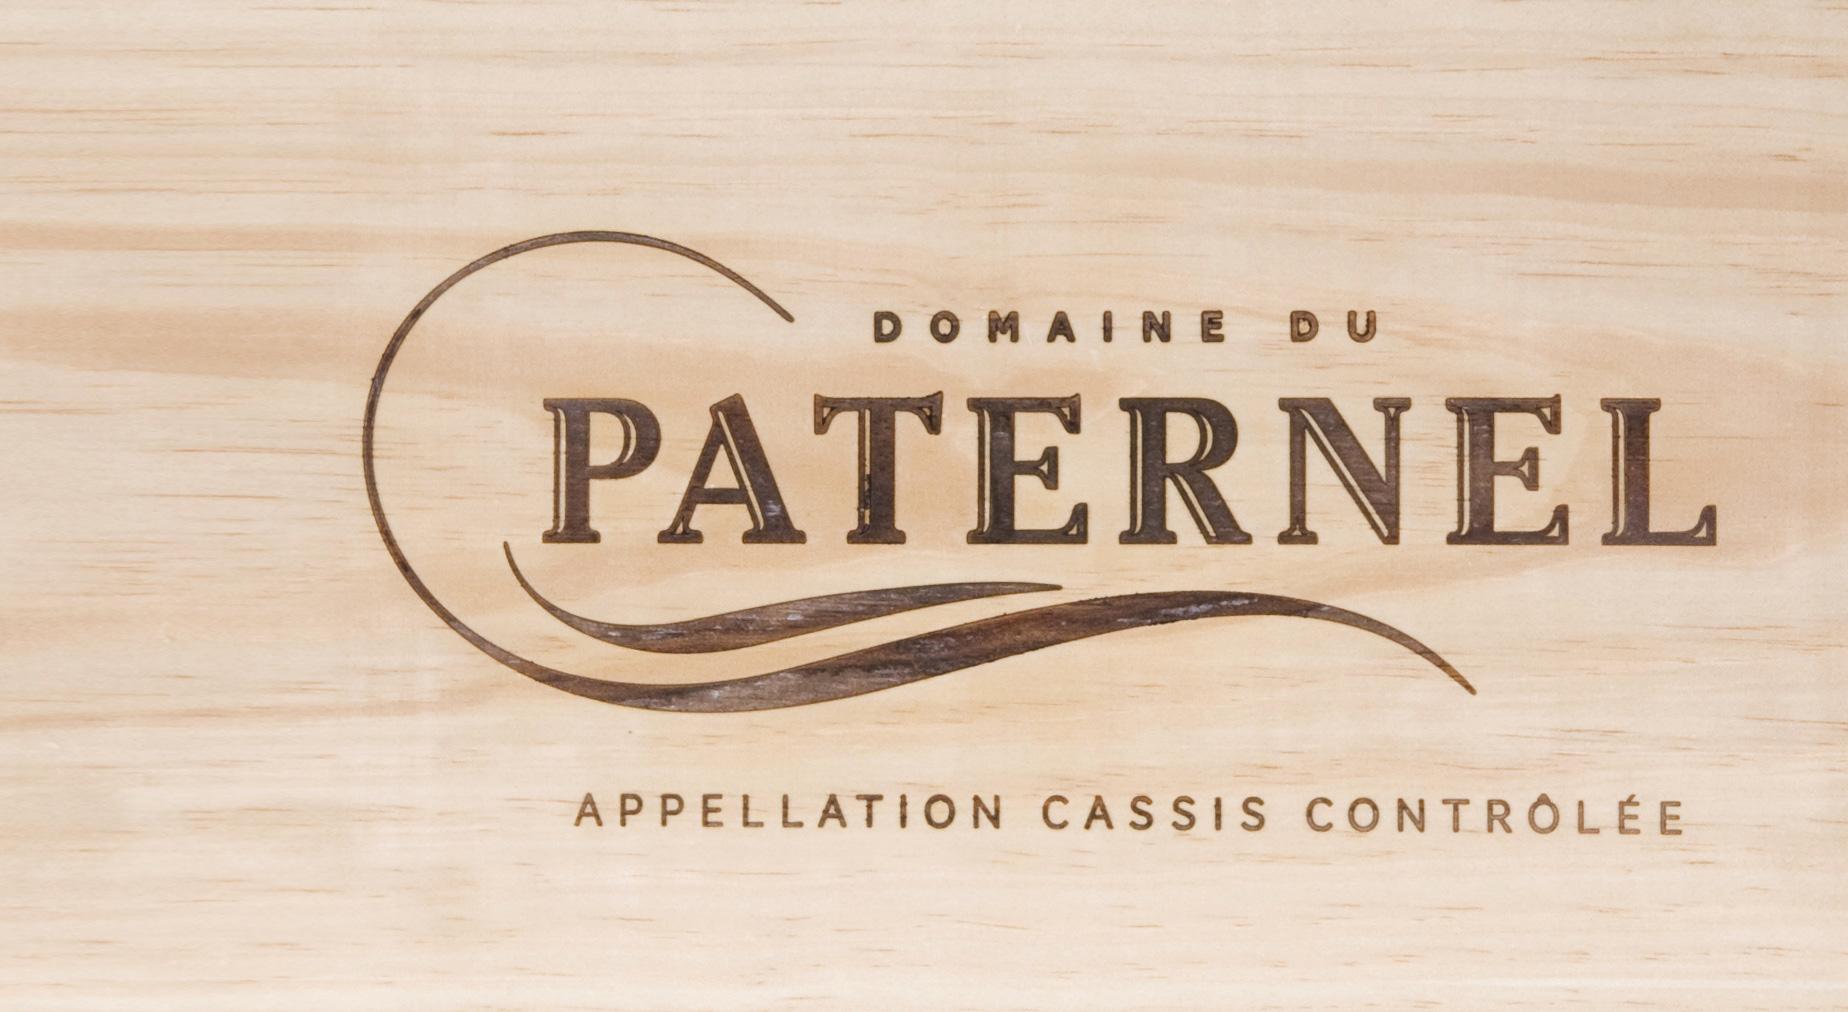 Domaine du Paternel